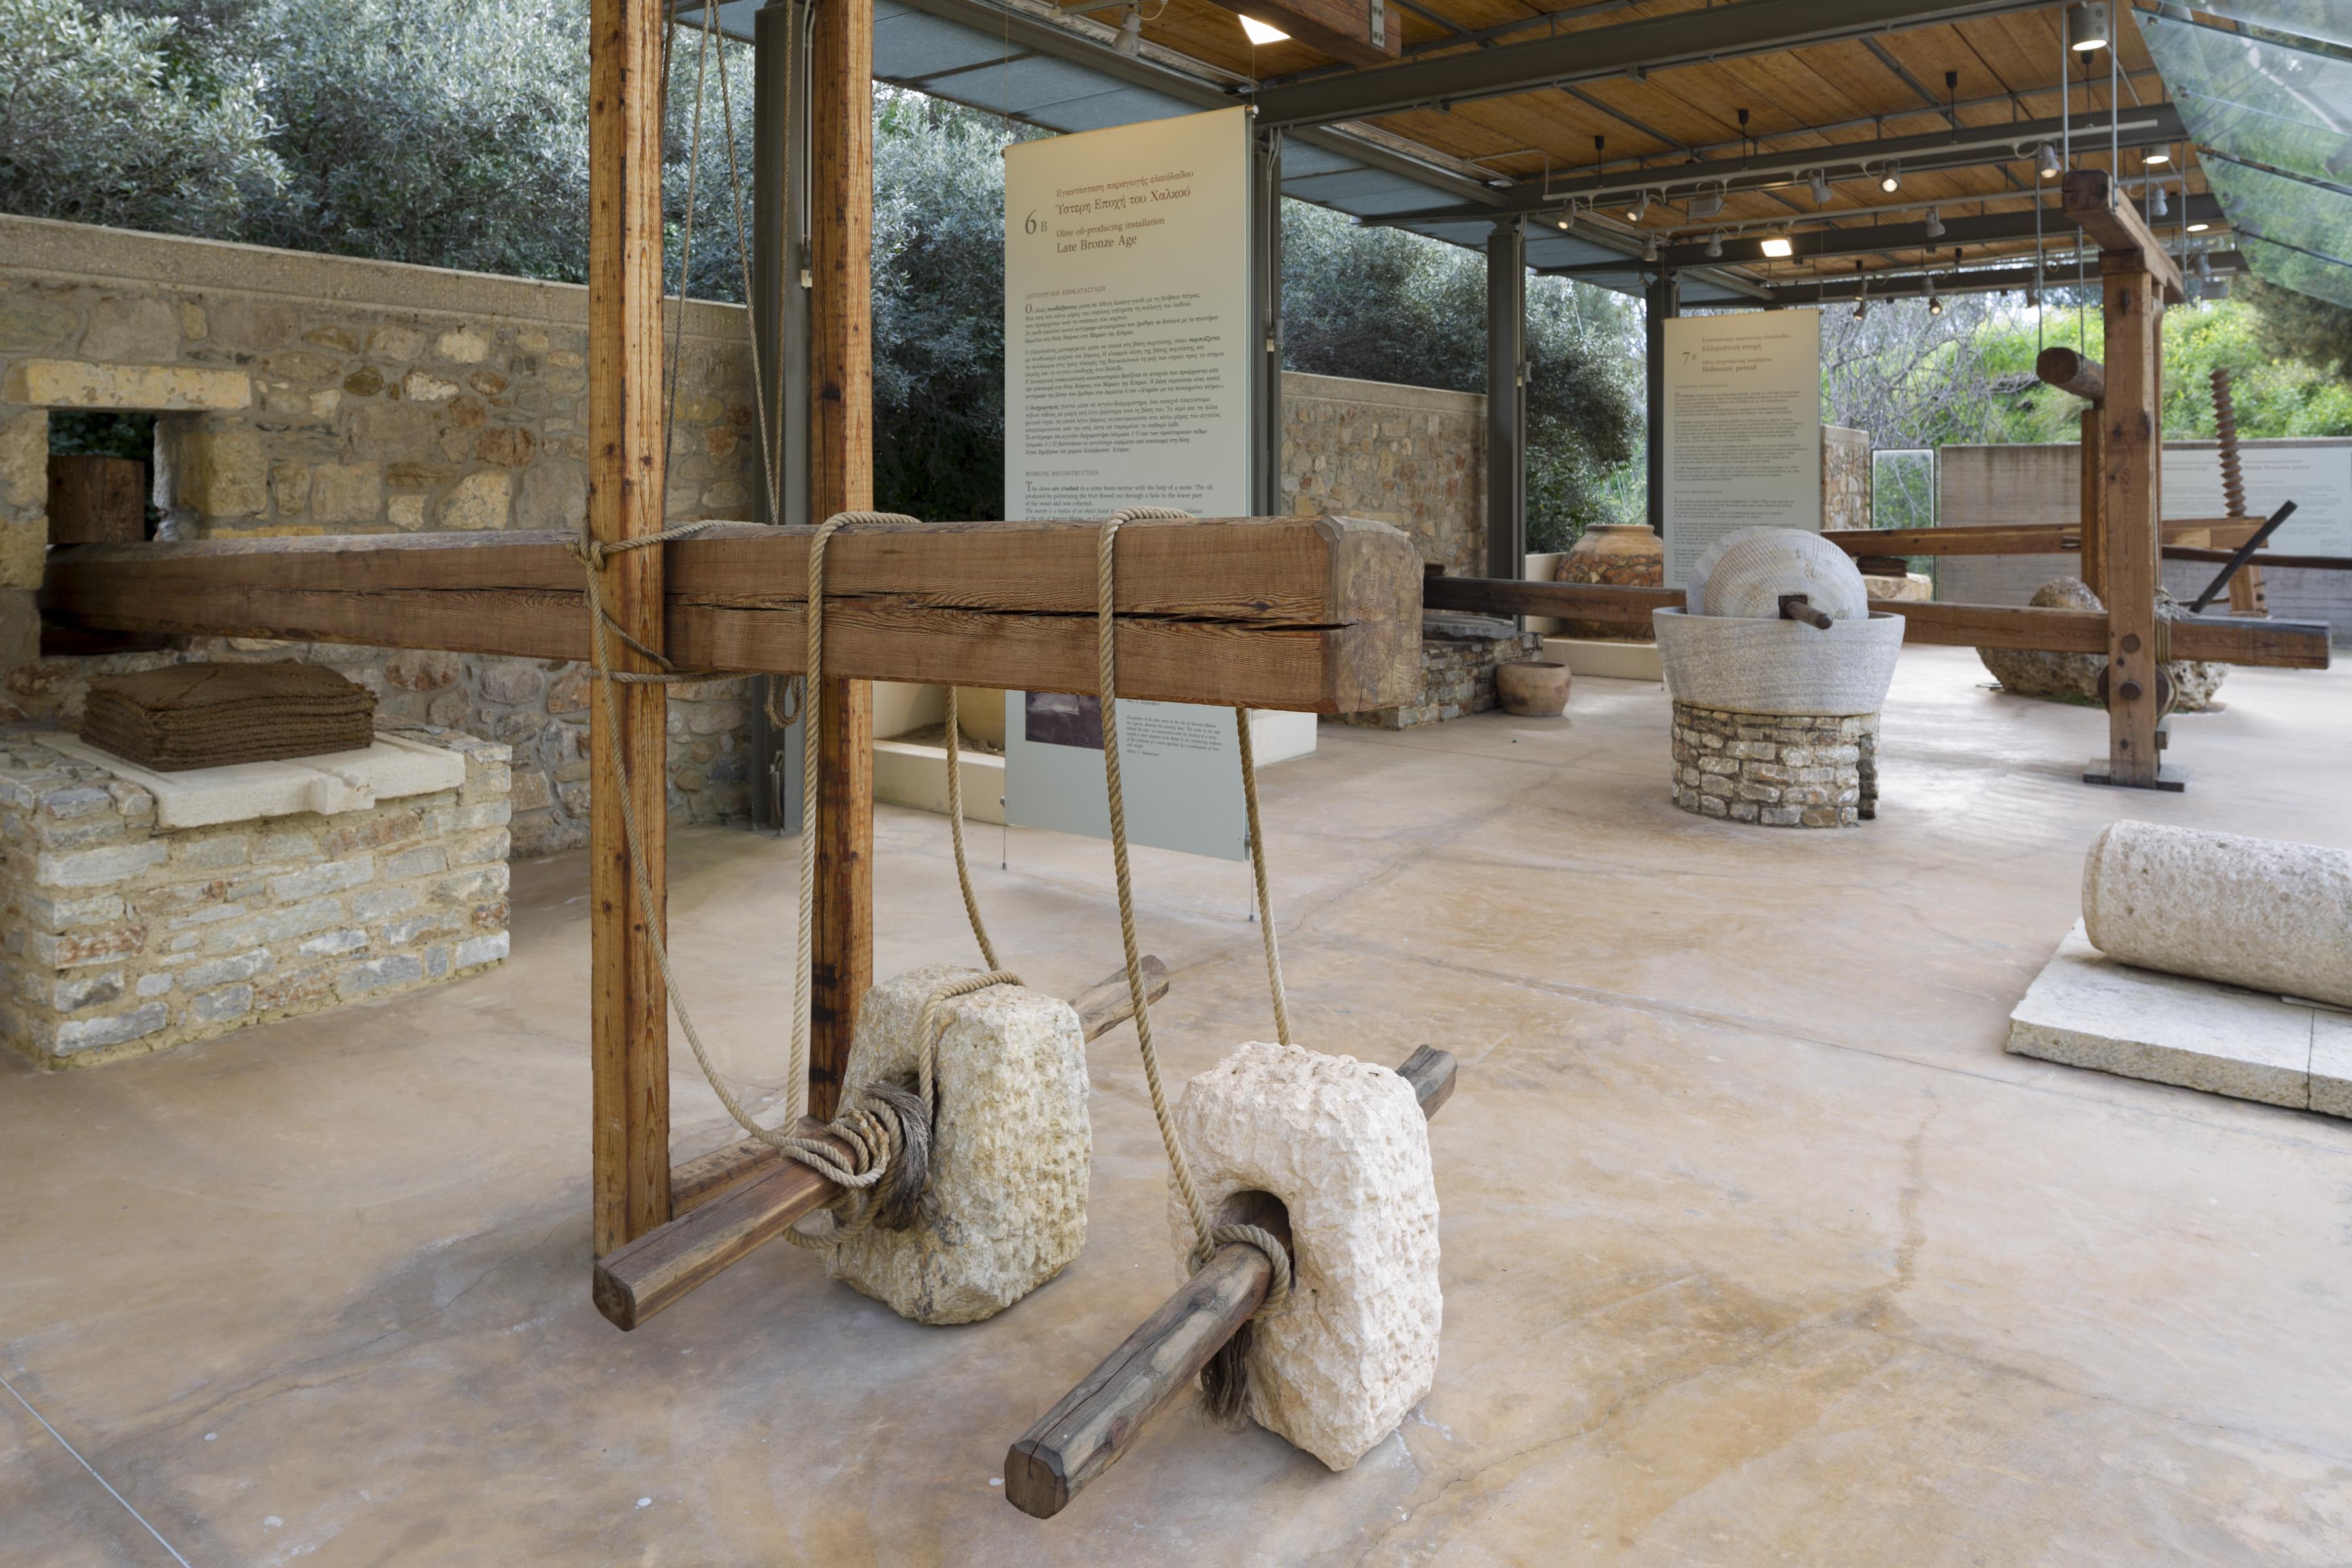 Museo del olivo de esparta